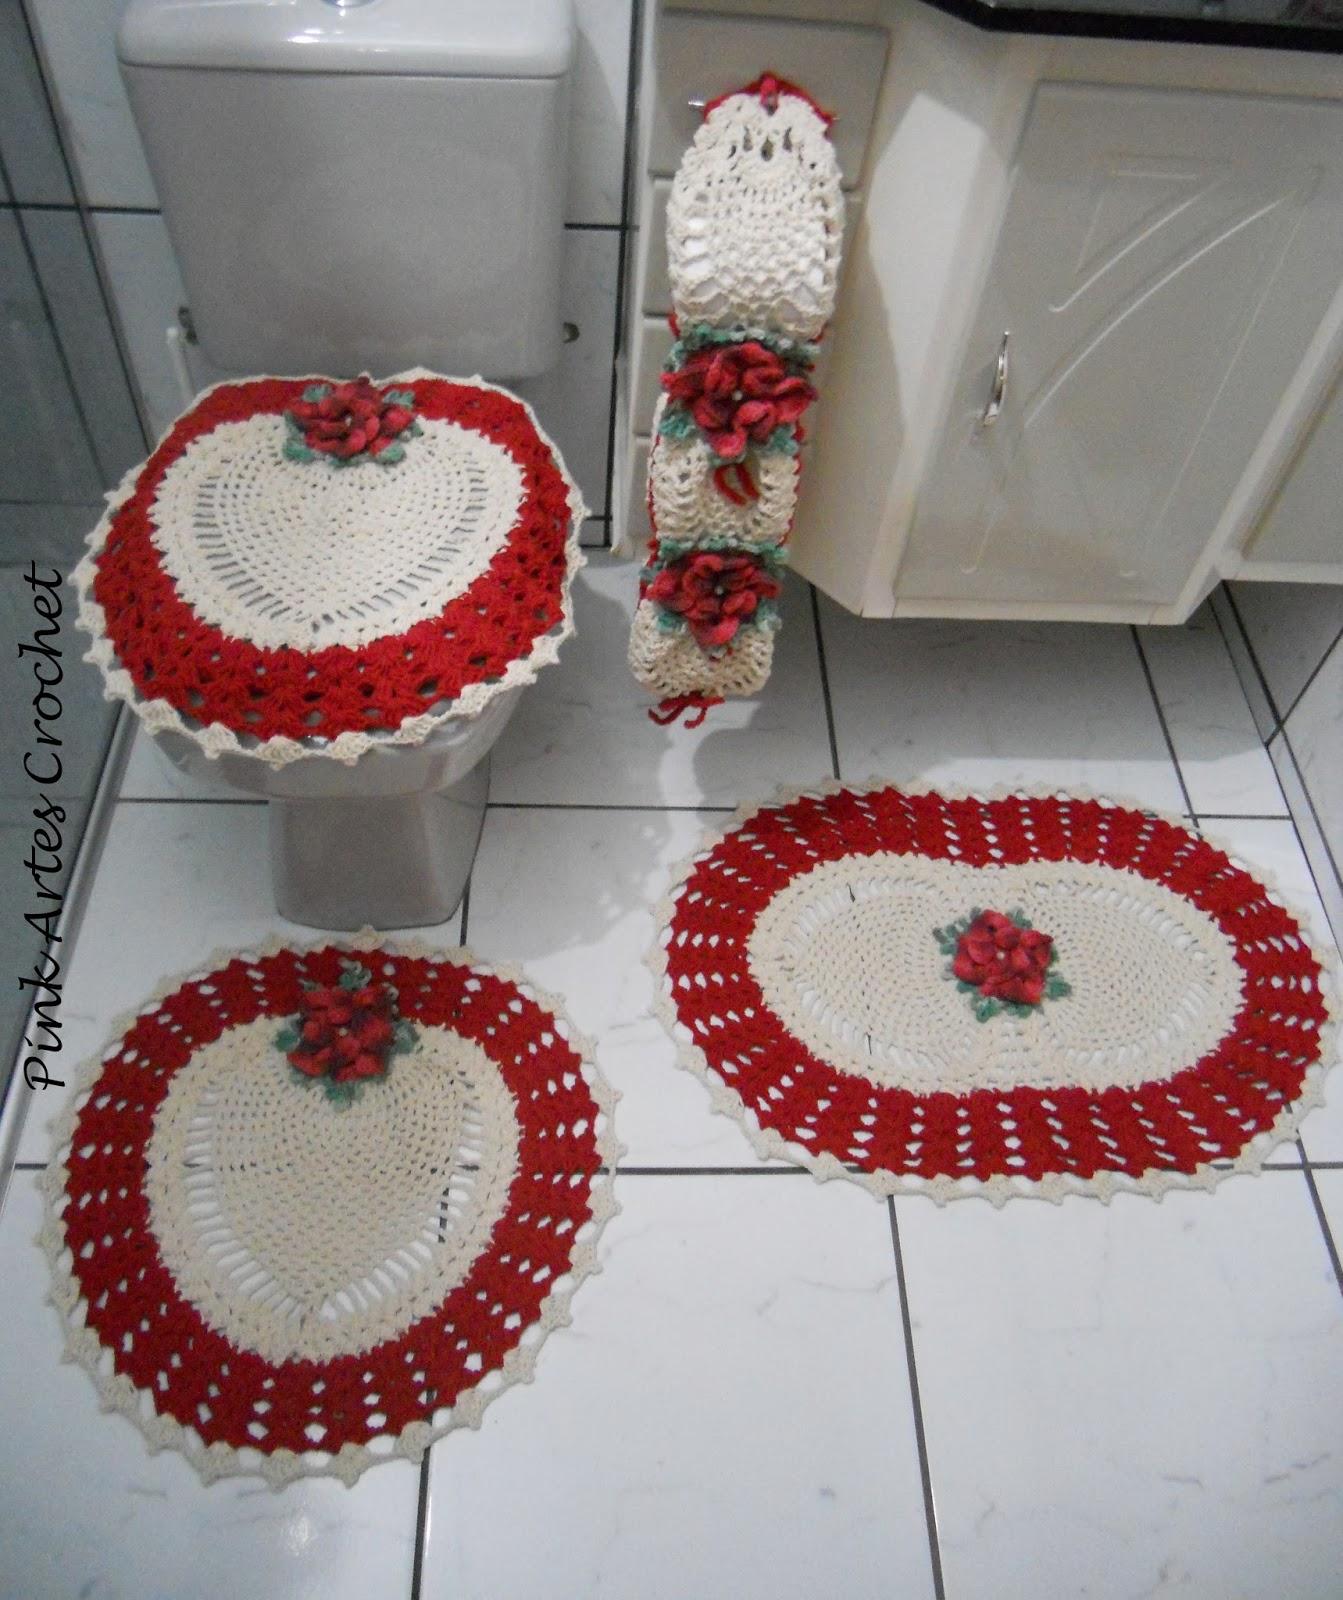 Pink Artes Croche: JOGO DE BANHEIRO TROPICAL 4 pÇS #791C1F 1343x1600 Balança De Banheiro Quanto Custa